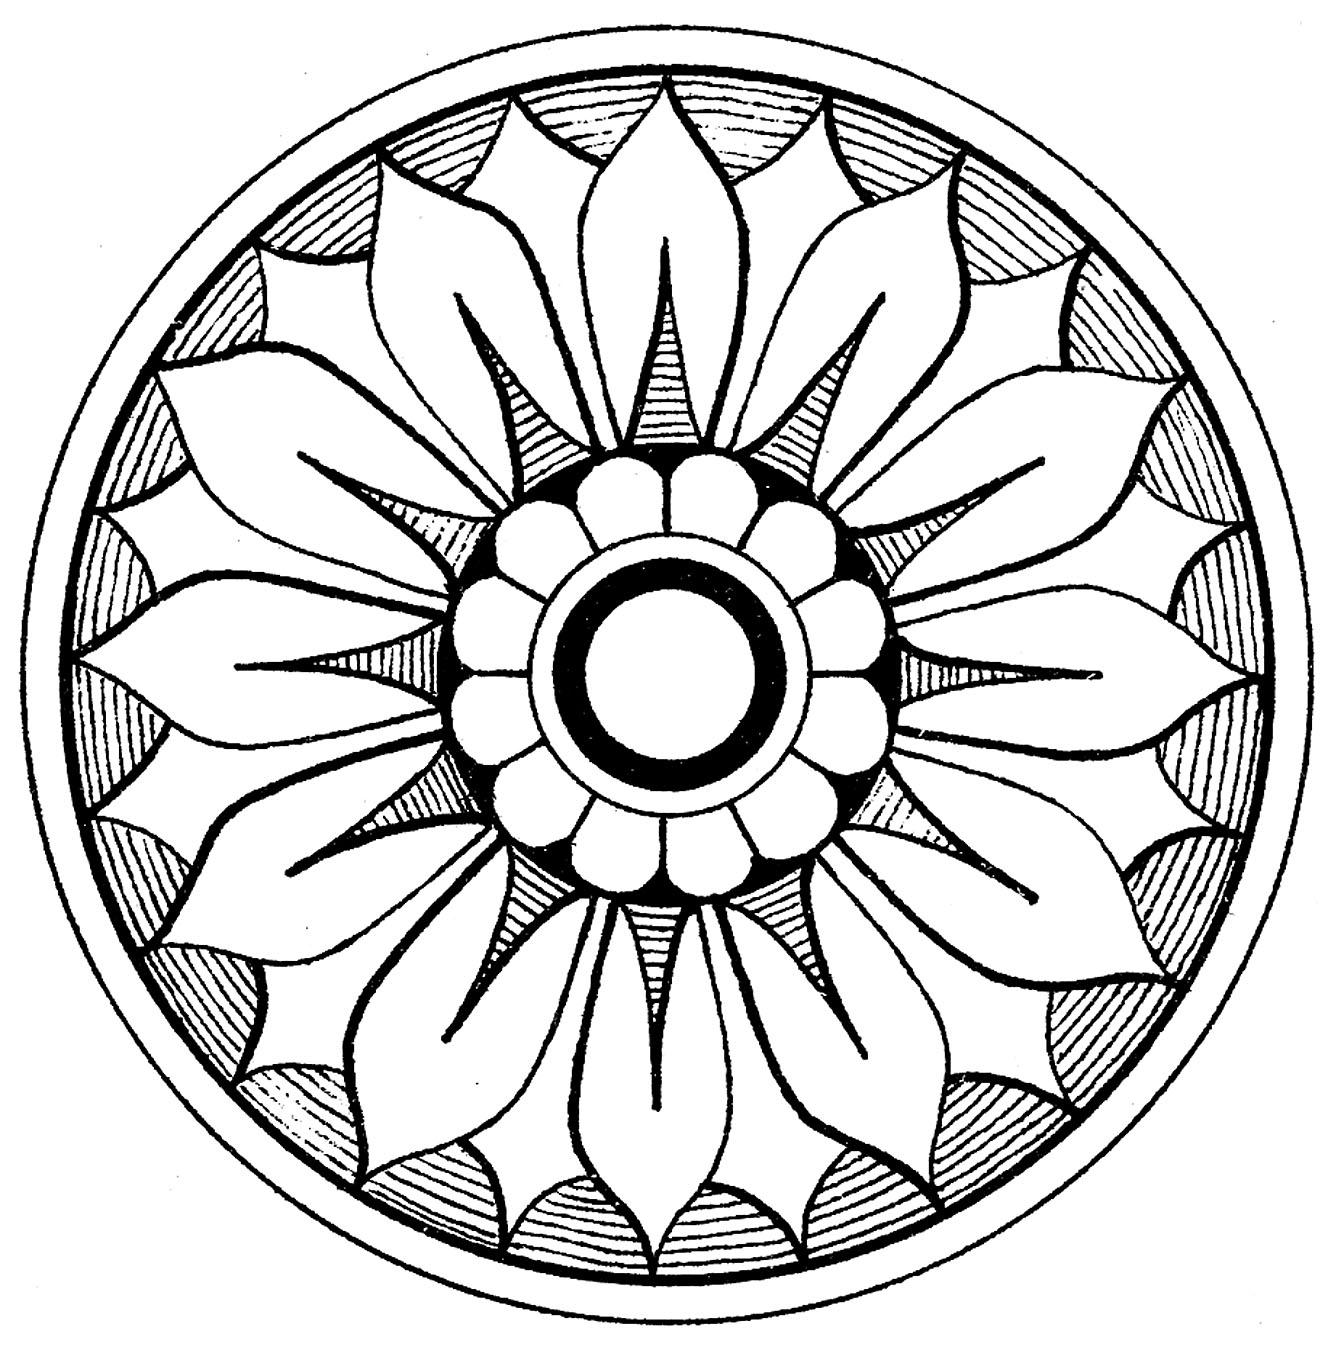 Ornamental clipart graphic design Clip Free Download Design Antique